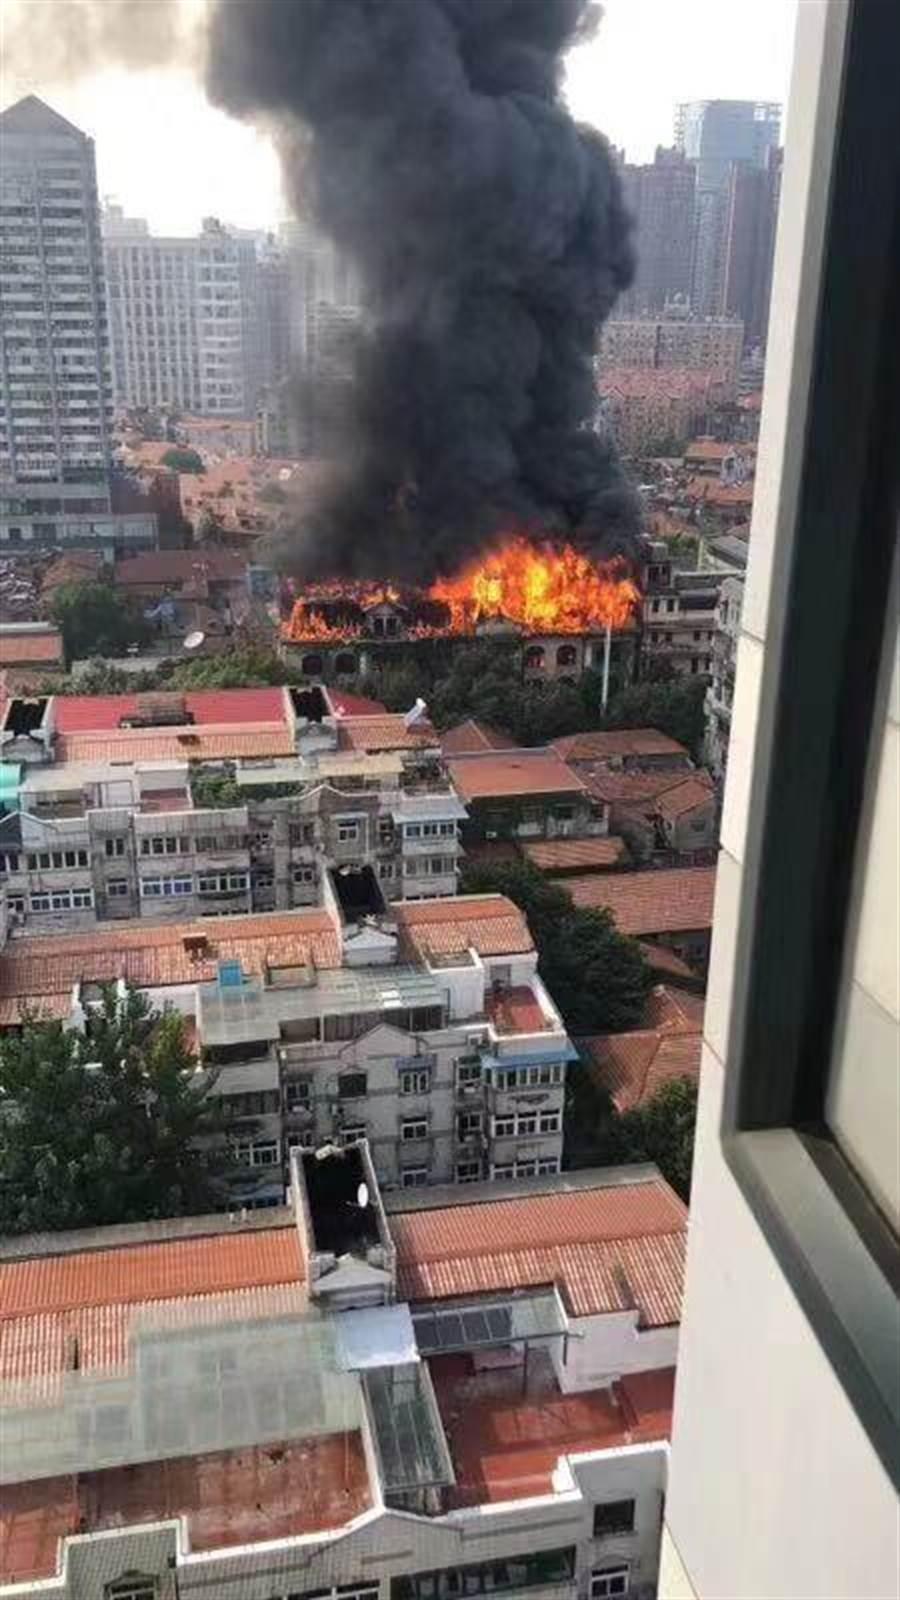 武漢市江漢飯店外觀改造引發火災,起火部位為五樓樓頂。(取自澎湃網)